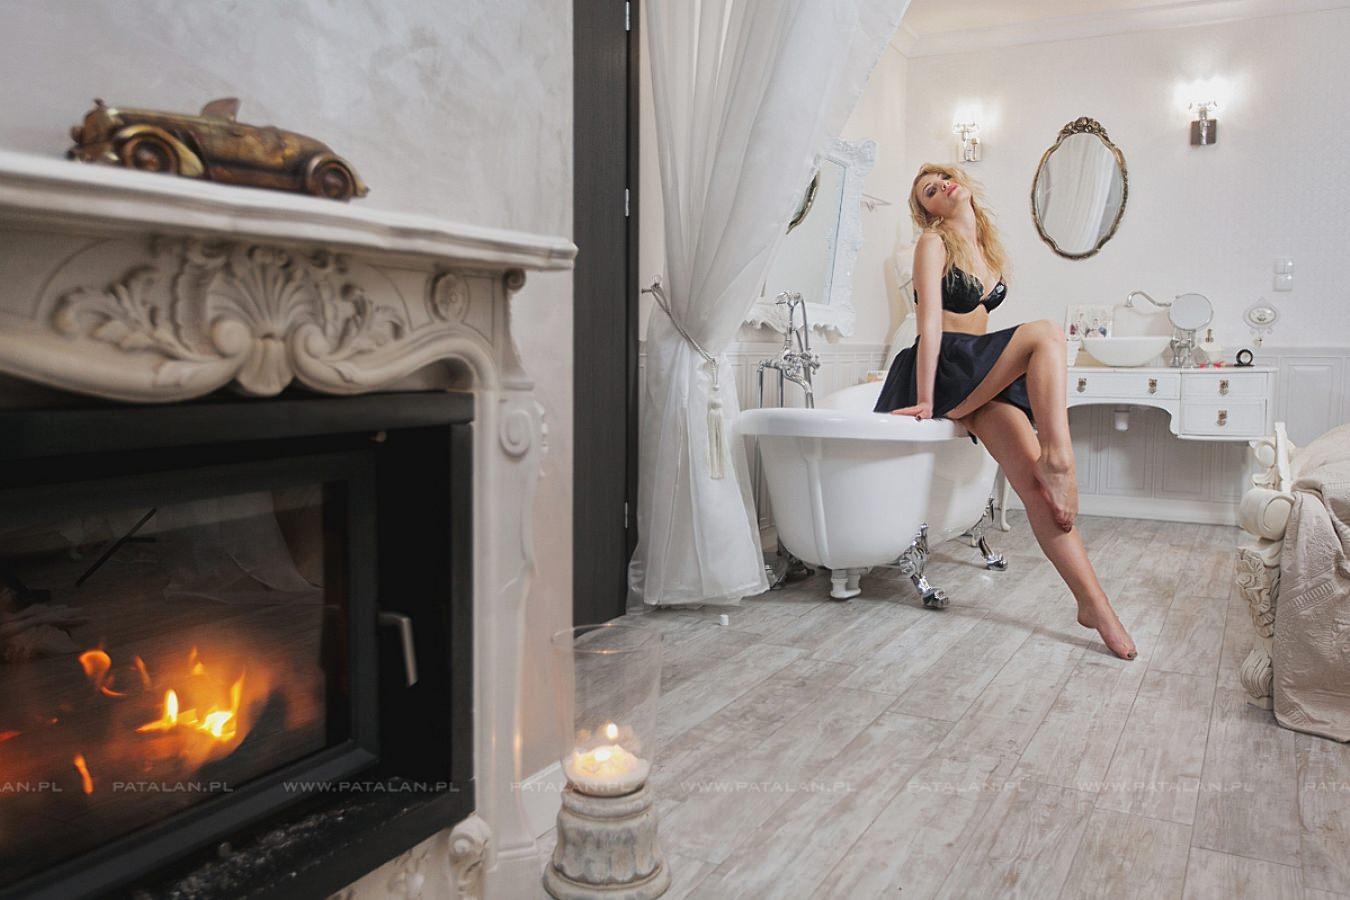 litewska urowa, modelka z litwy, sesja stylizowana, sesja w apartamencie, portret, fotograf ostrołeka